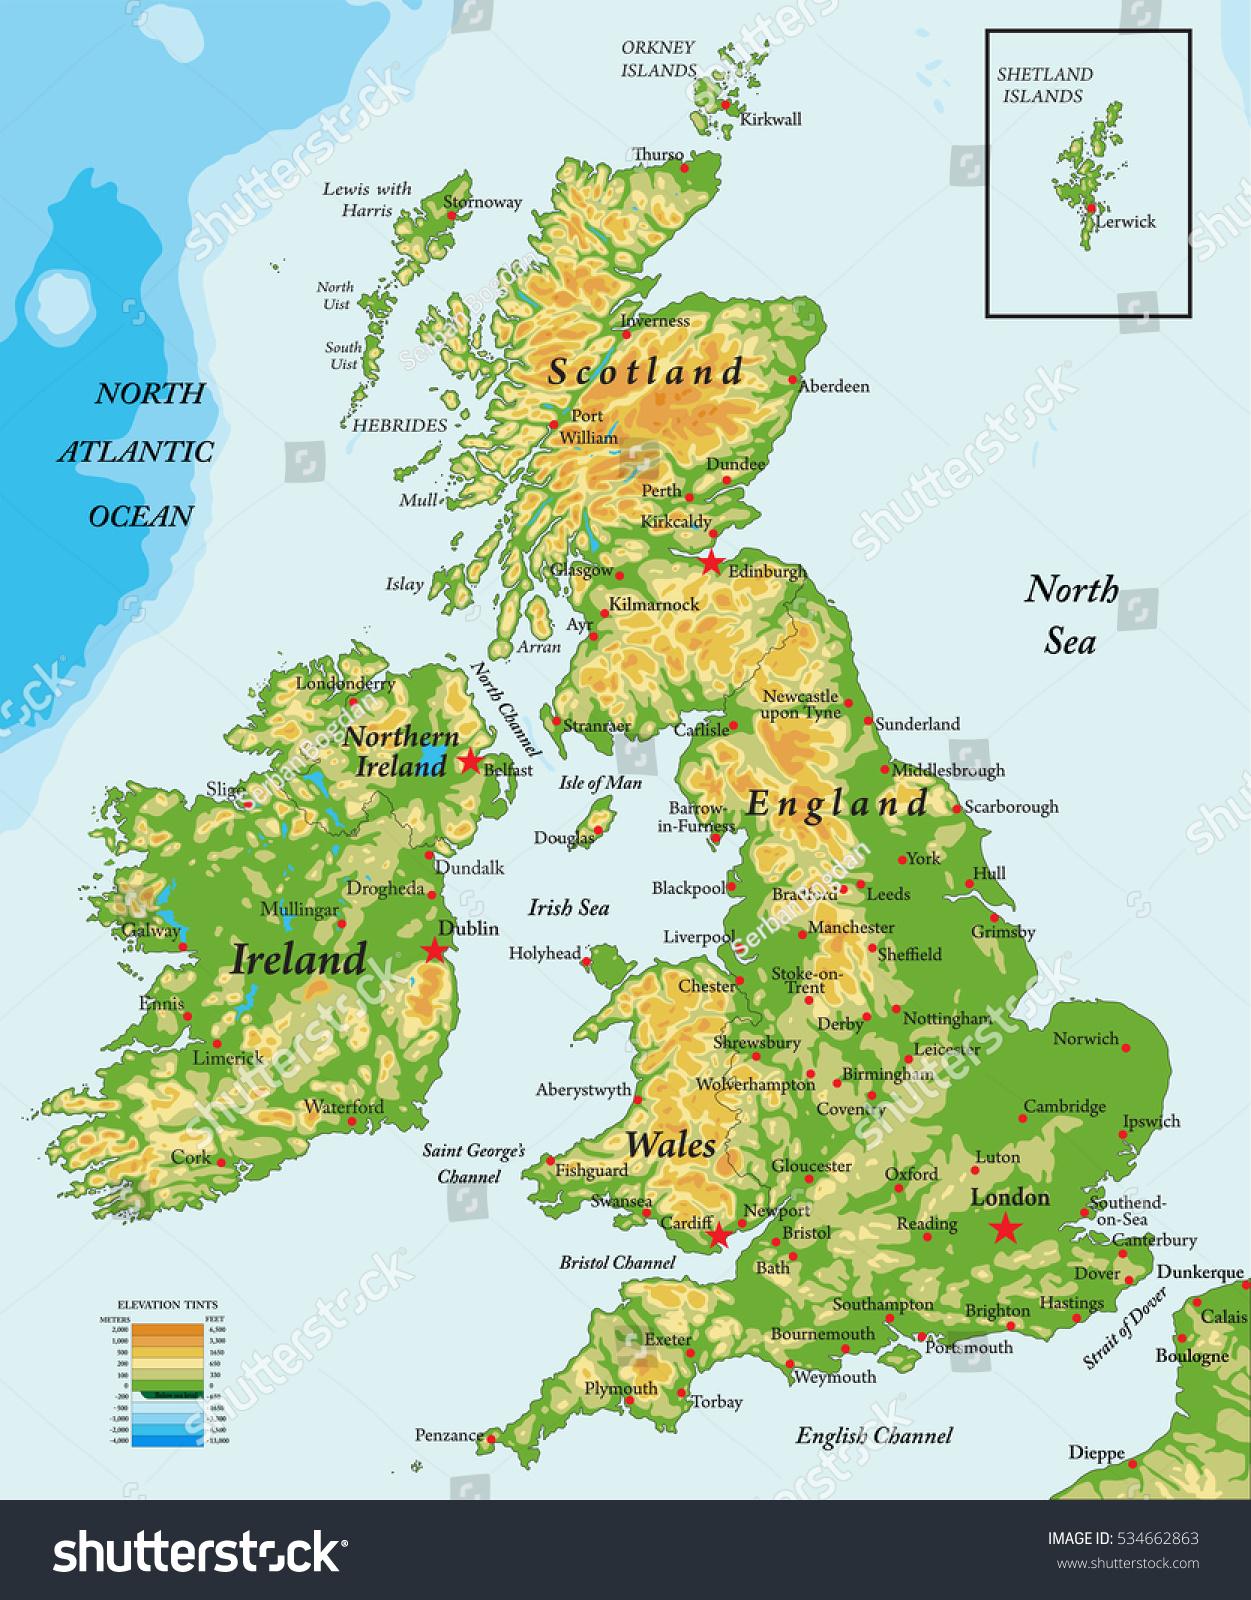 Cartina Gran Bretagna Fisica.Immagine Vettoriale Stock 534662863 A Tema Regno Unito E Irlanda Mappa Fisica Royalty Free